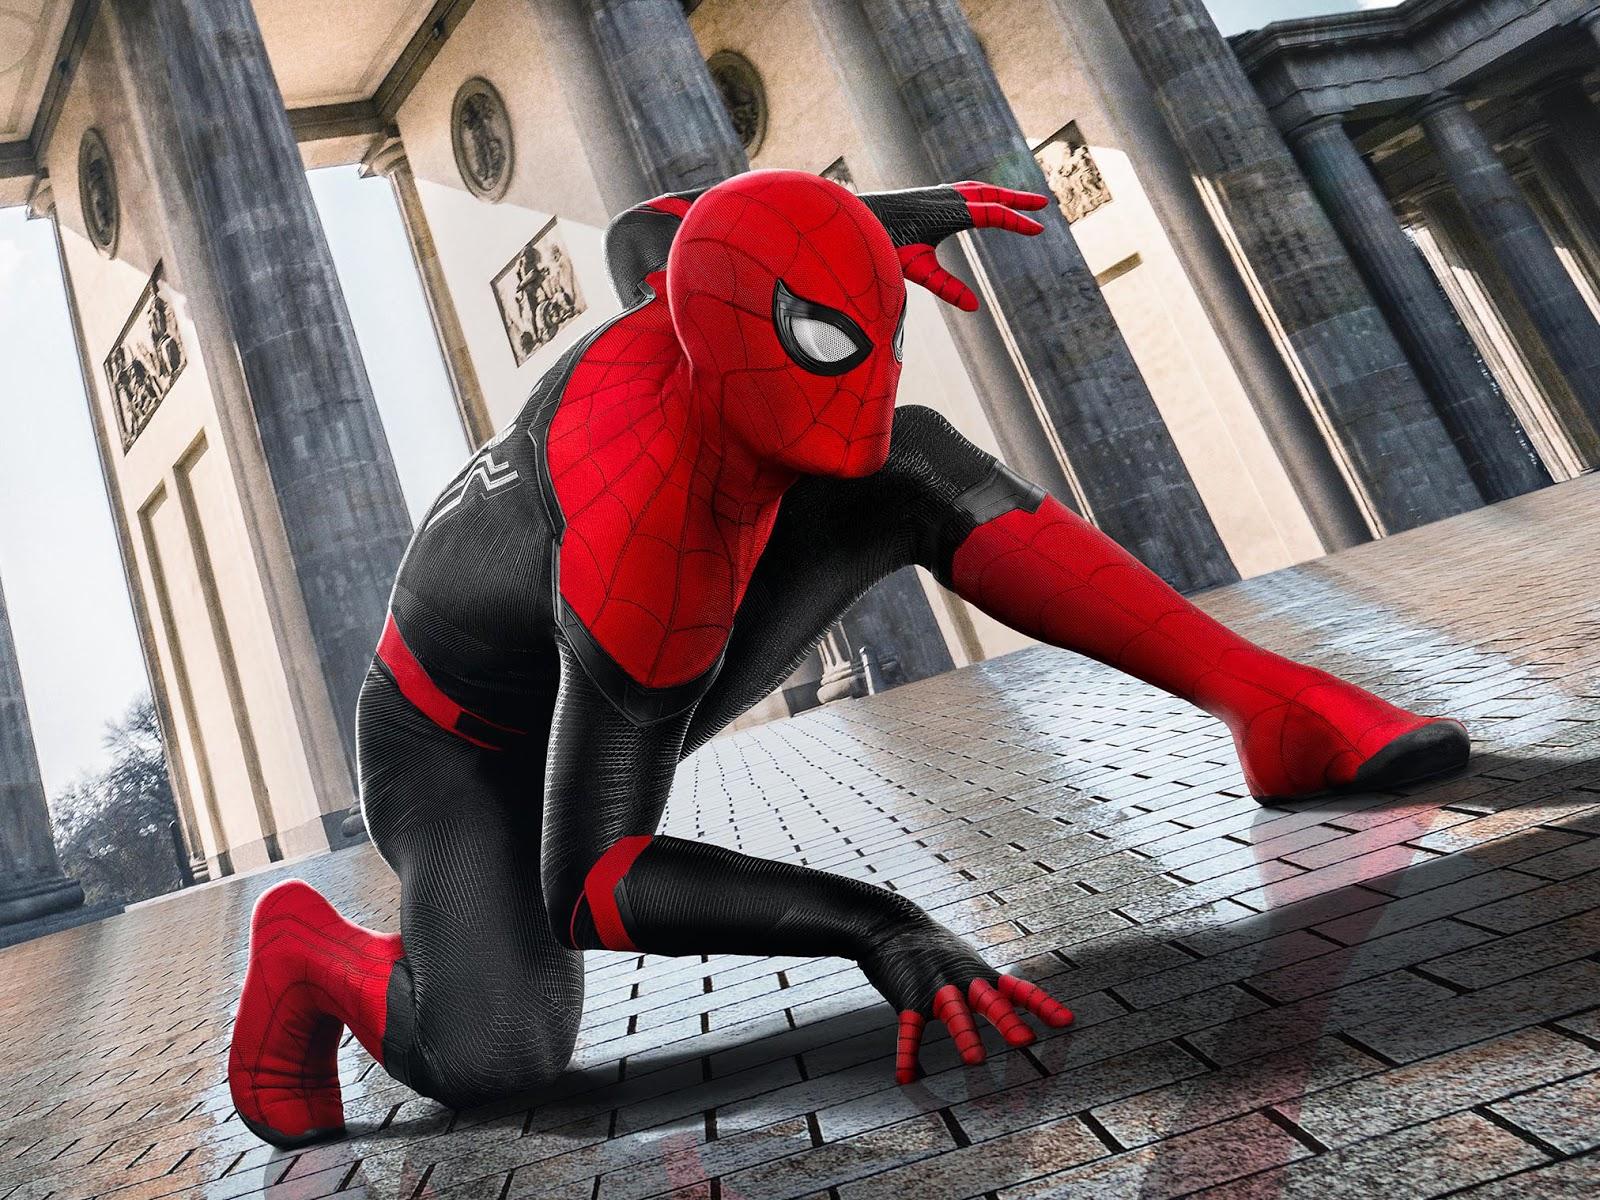 homem-aranha-longe-de-casa-ganha-cartazes-promocionais